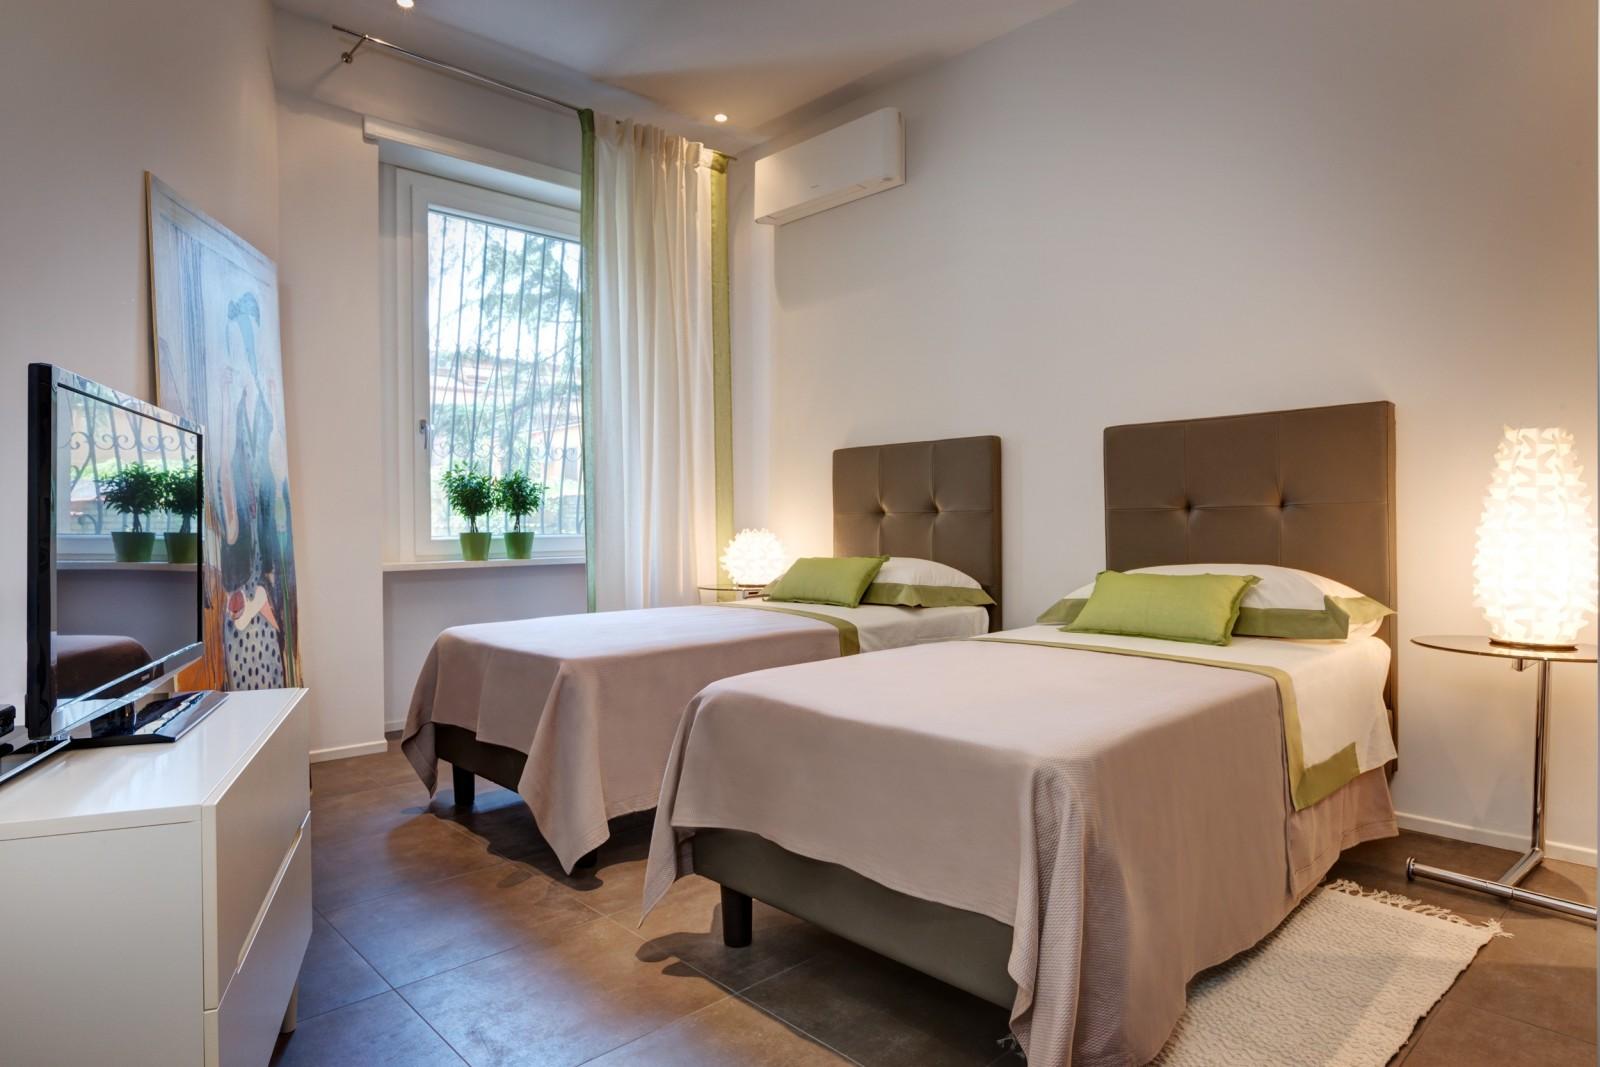 Camera Per Ospiti : Camere da letto per ospiti joodsecomponisten